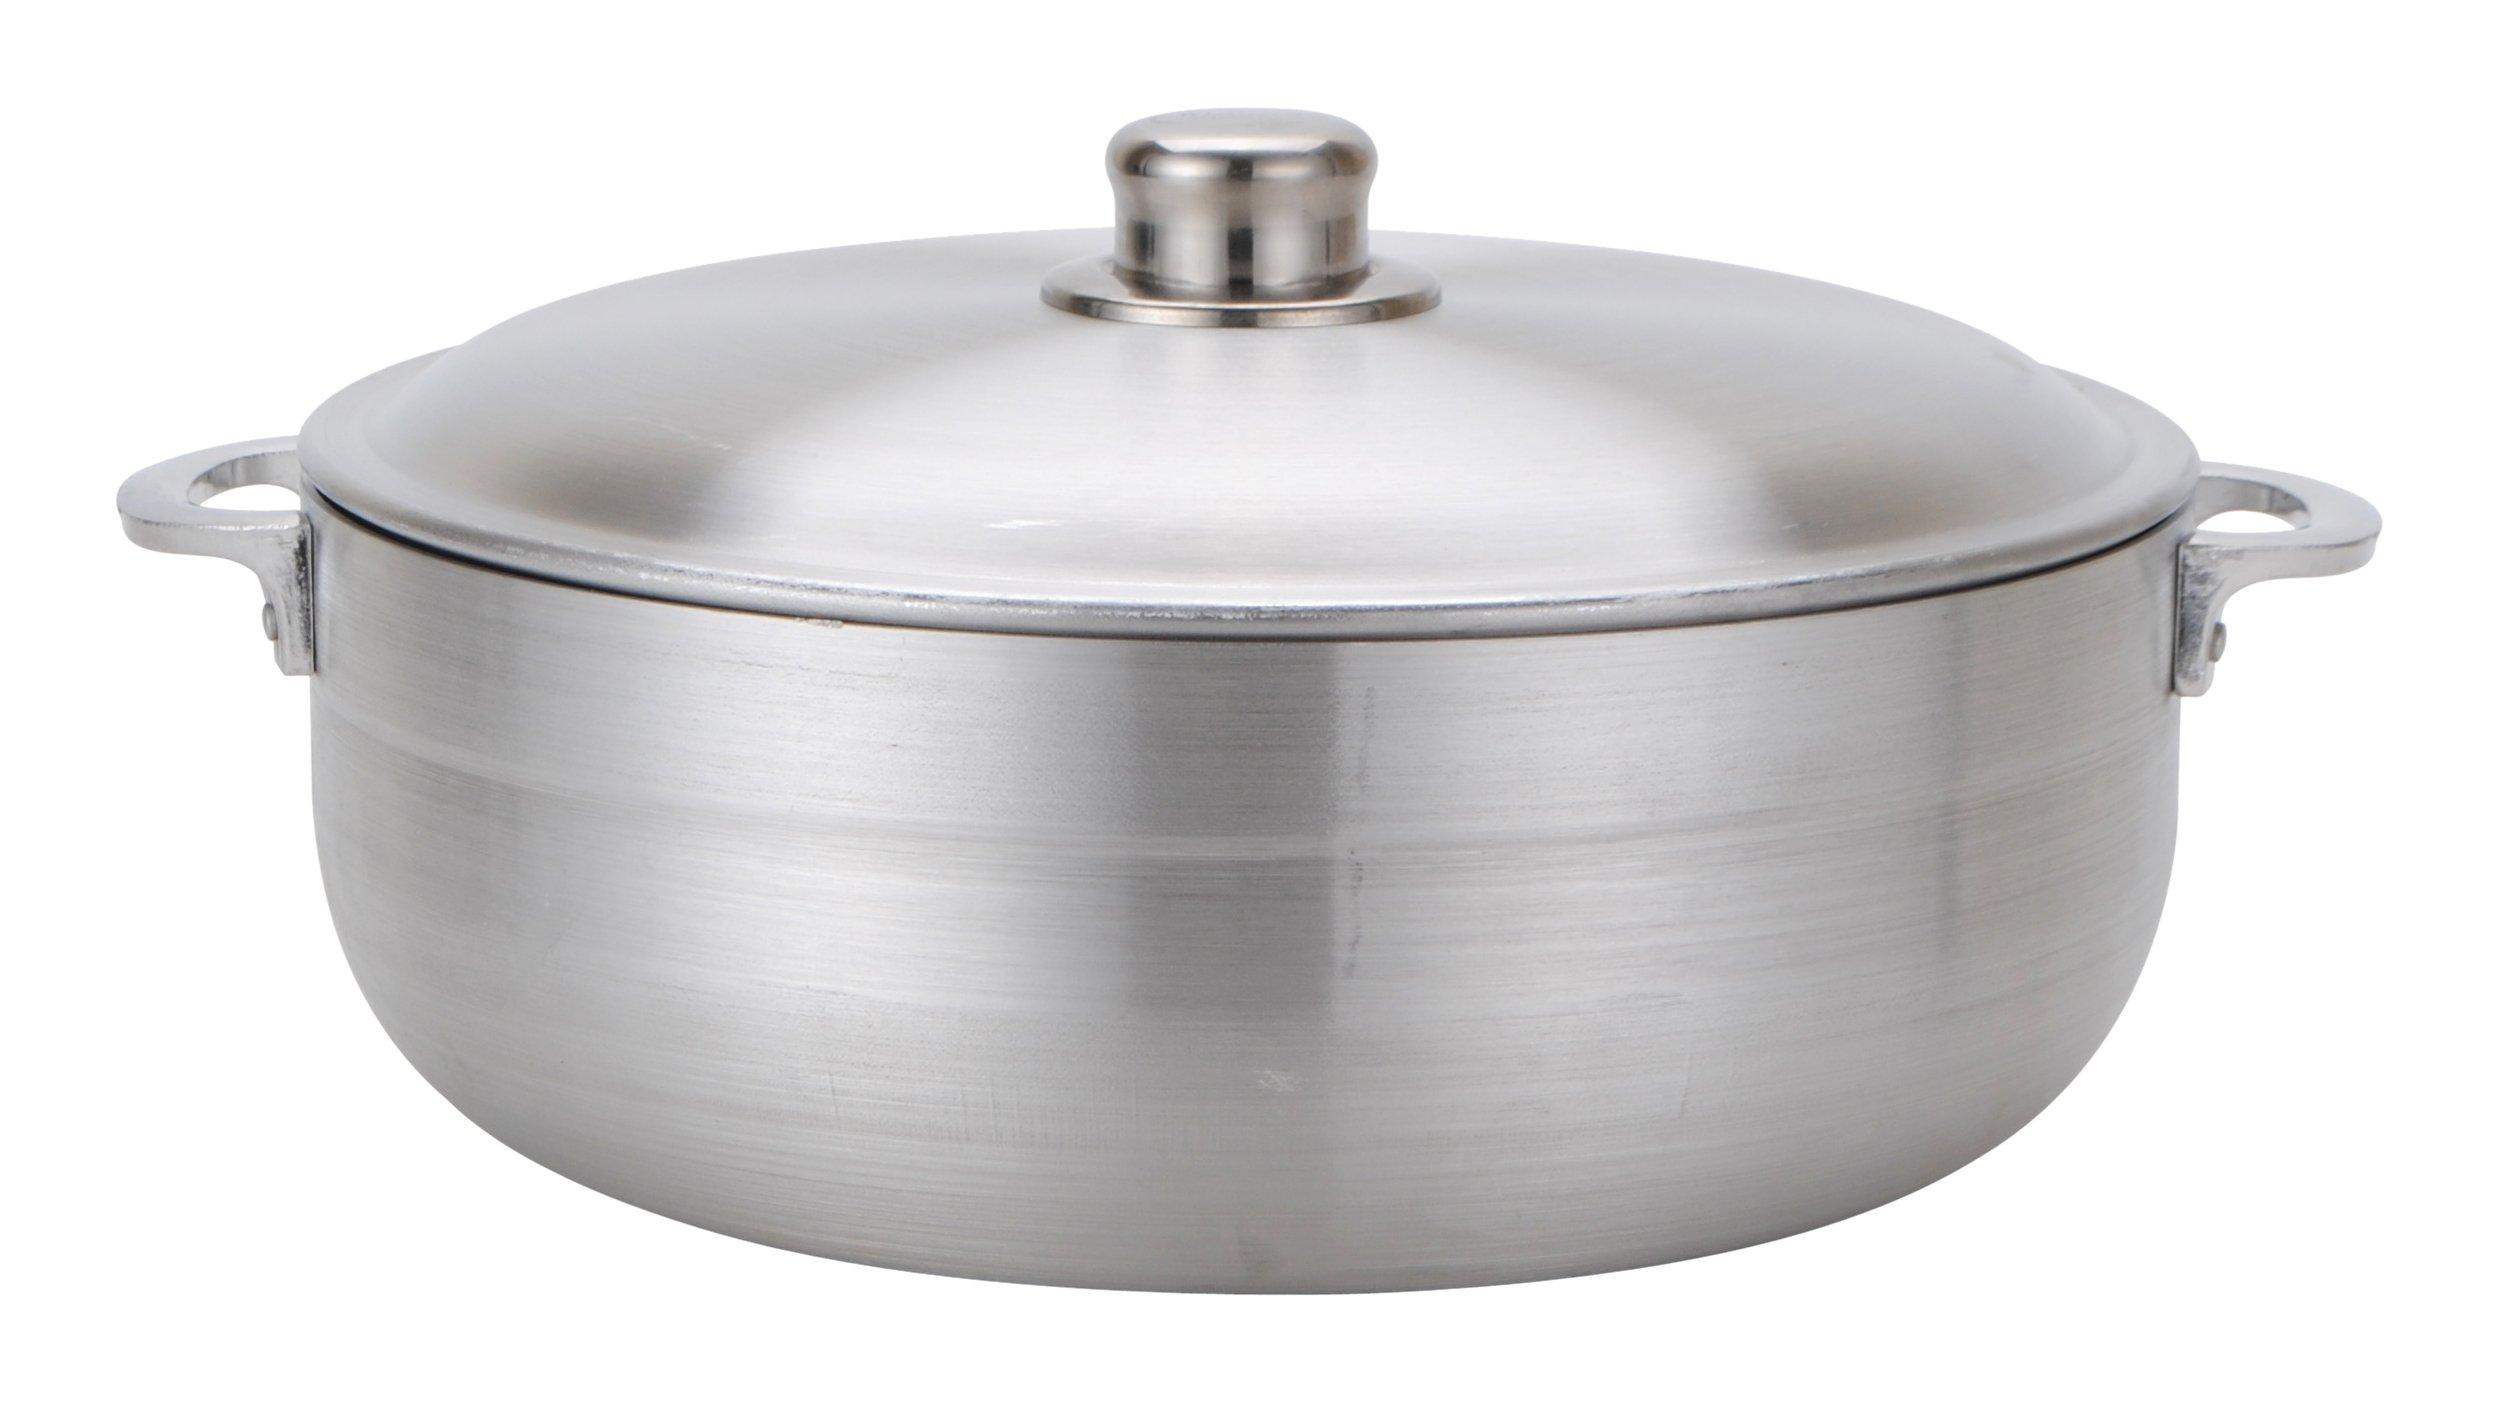 Alpine Cuisine Caldero, 13 quart, Silver - AI-6928-13